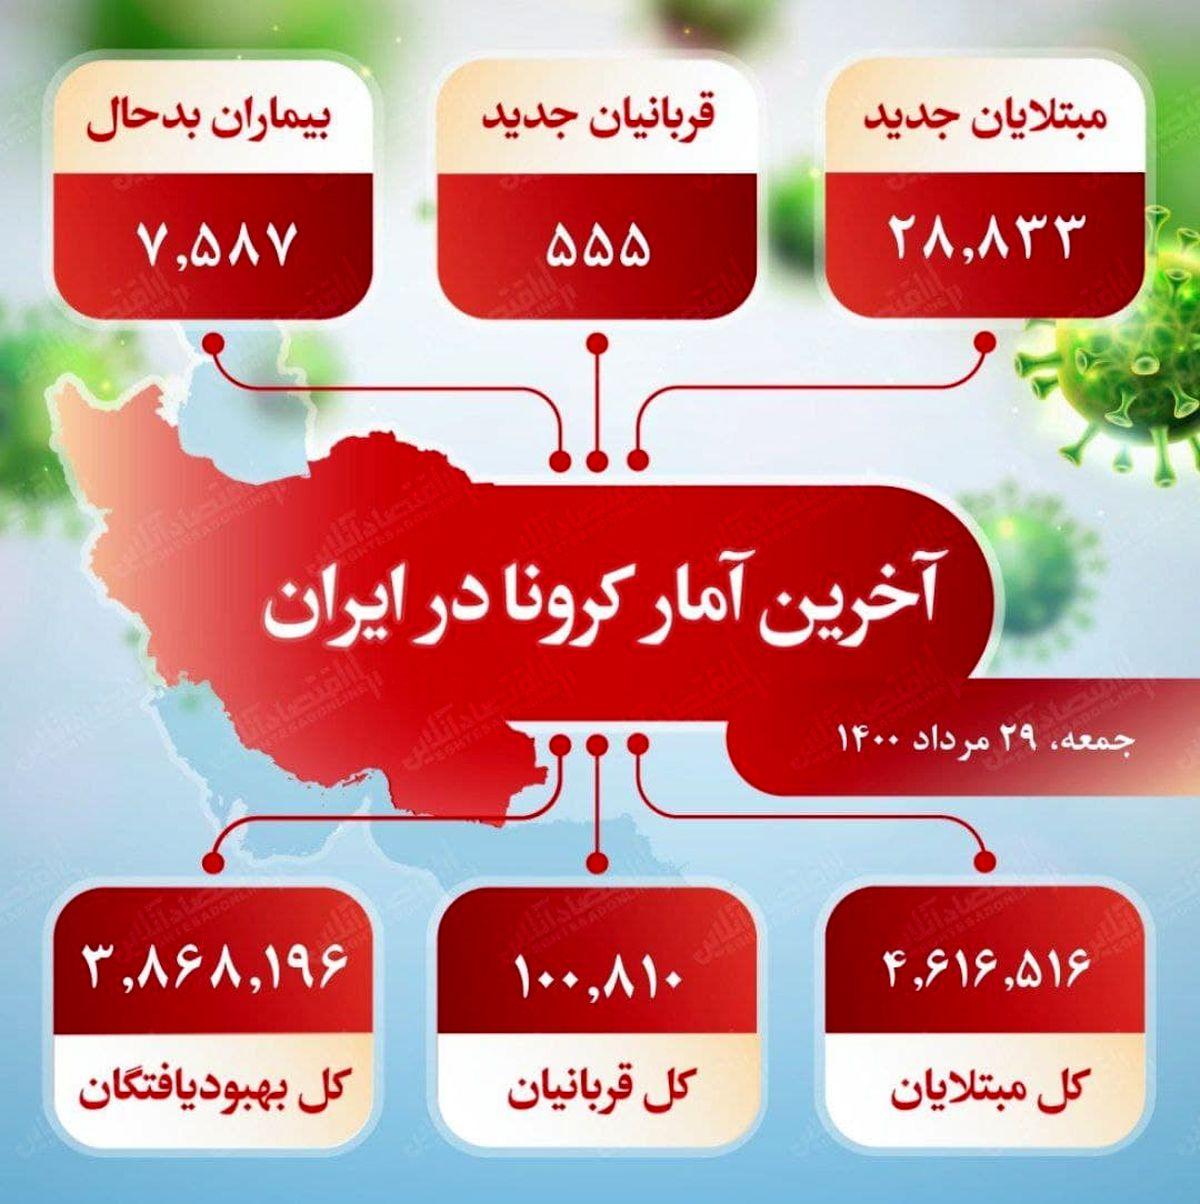 آخرین آمار کرونا در ایران (۱۴۰۰/۵/۲۹)